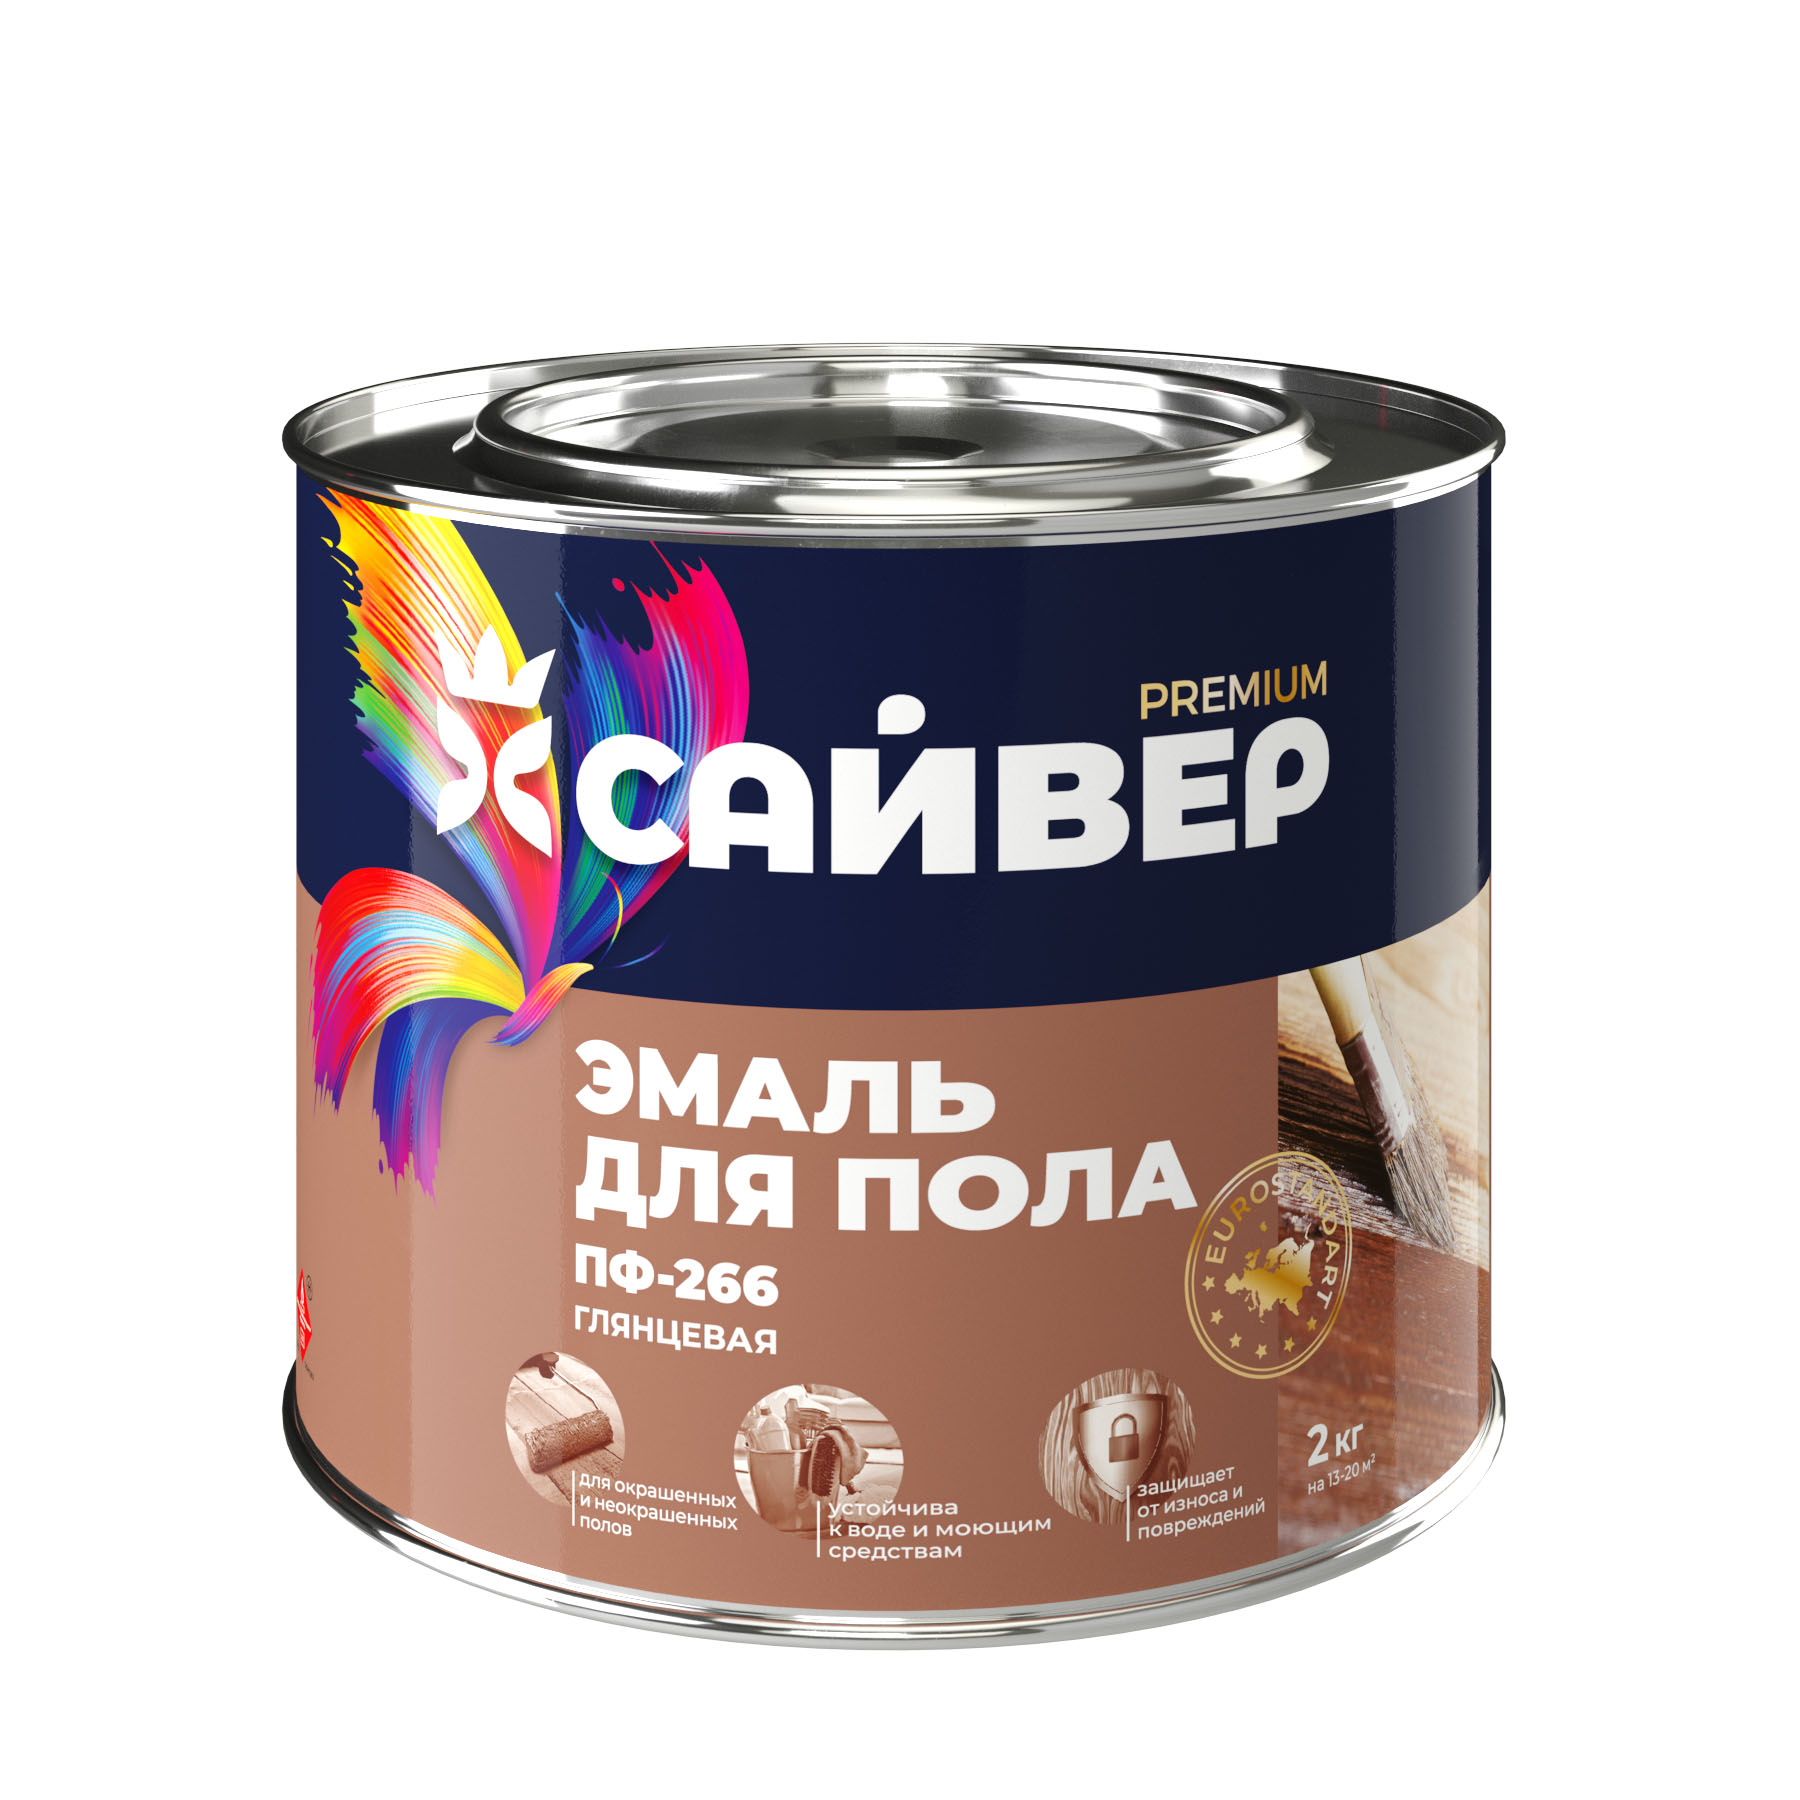 Эмаль Сайвер ПФ-266 для пола (золотисто-коричневая) 5кг - фото